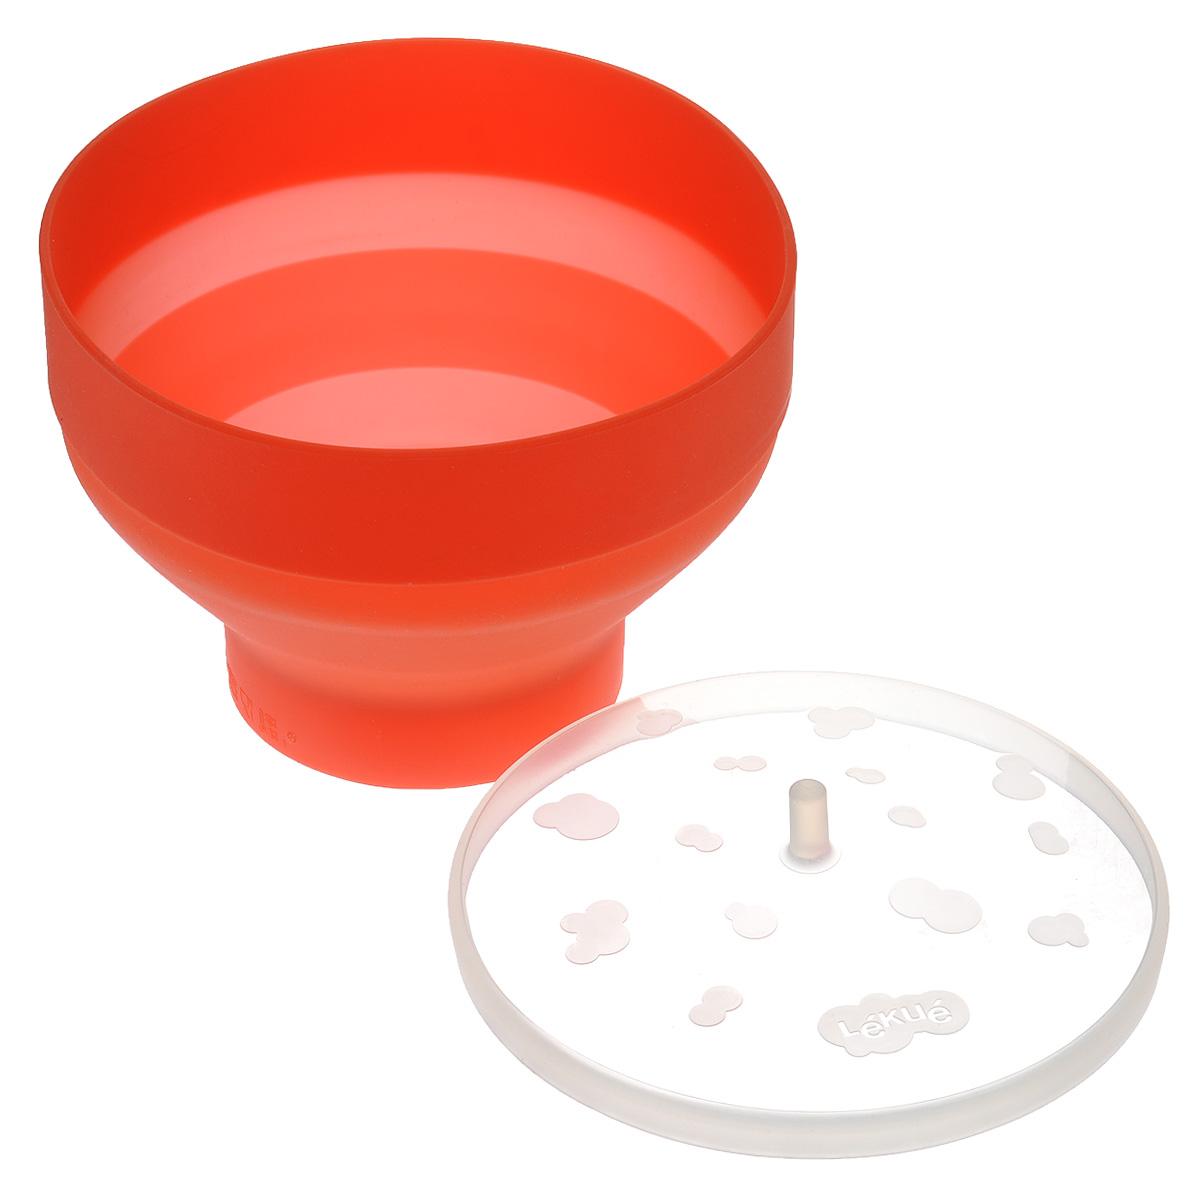 Форма для попкорна Lekue с крышкой, цвет: красный, 2,8 л0200226R10M017Форма для попкорна Lekue выполнена из высококачественного цветного силикона. Внутри формы имеются отметки, обозначающие до какого уровня необходимо насыпать кукурузу. В комплекте силиконовая крышка. Пару минут и большой стакан горячего, ароматного и свежего попкорна уже у вас! Насладитесь вкусом приготовленной на пару домашней и питательной воздушной кукурузой. Изящный дизайн и красочность оформления набора придутся по вкусу и ценителям классики, и тем, кто предпочитает утонченность и изысканность. Высота формы: 14 см.